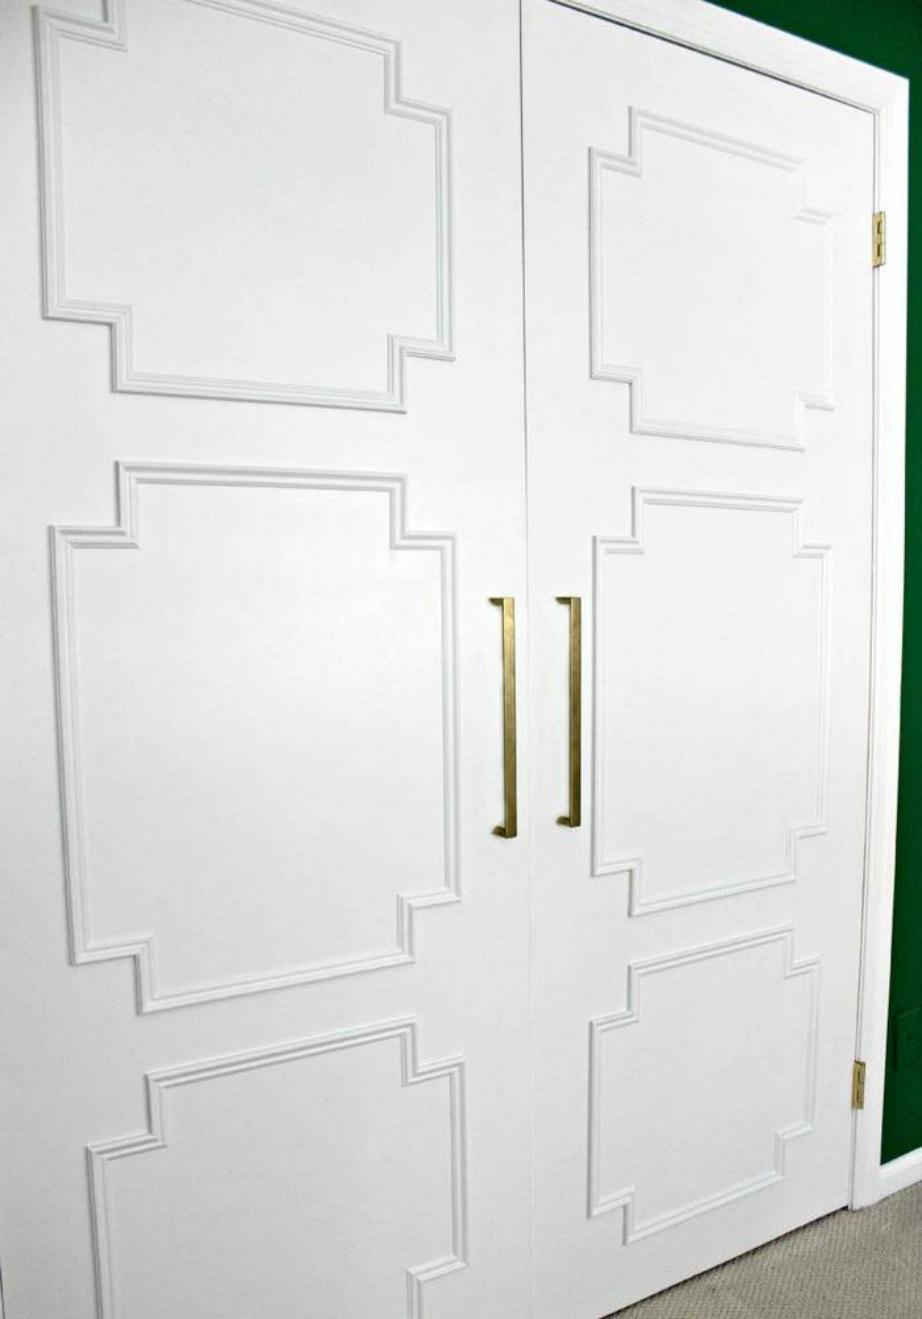 Δώστε χαρακτήρα κάνοντας την πόρτα σας πιο επιβλητική.